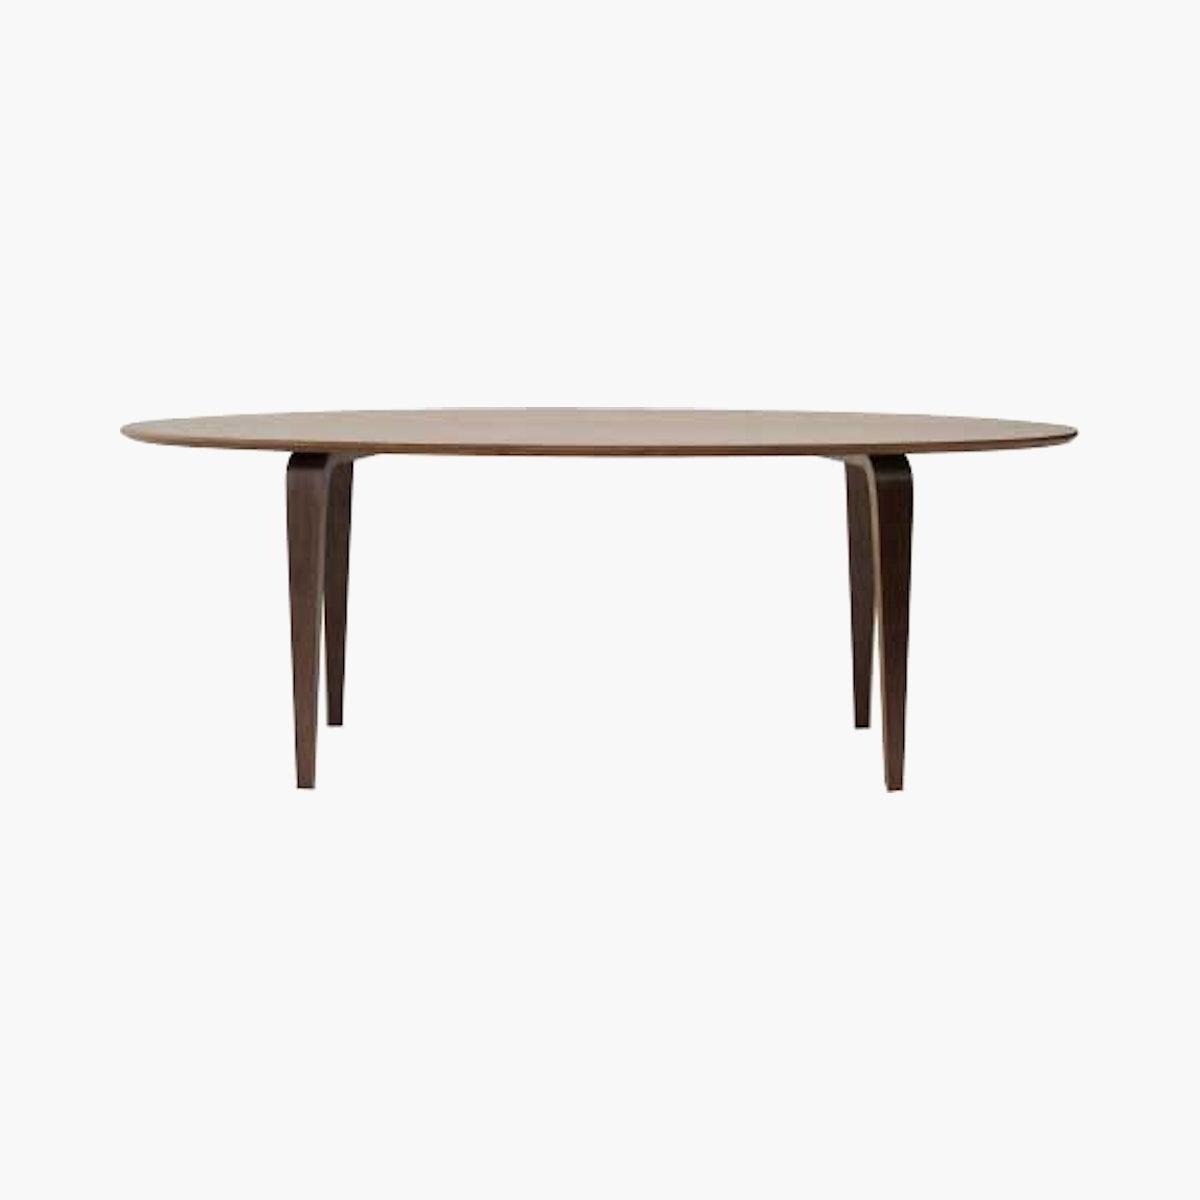 Cherner Table, Oval